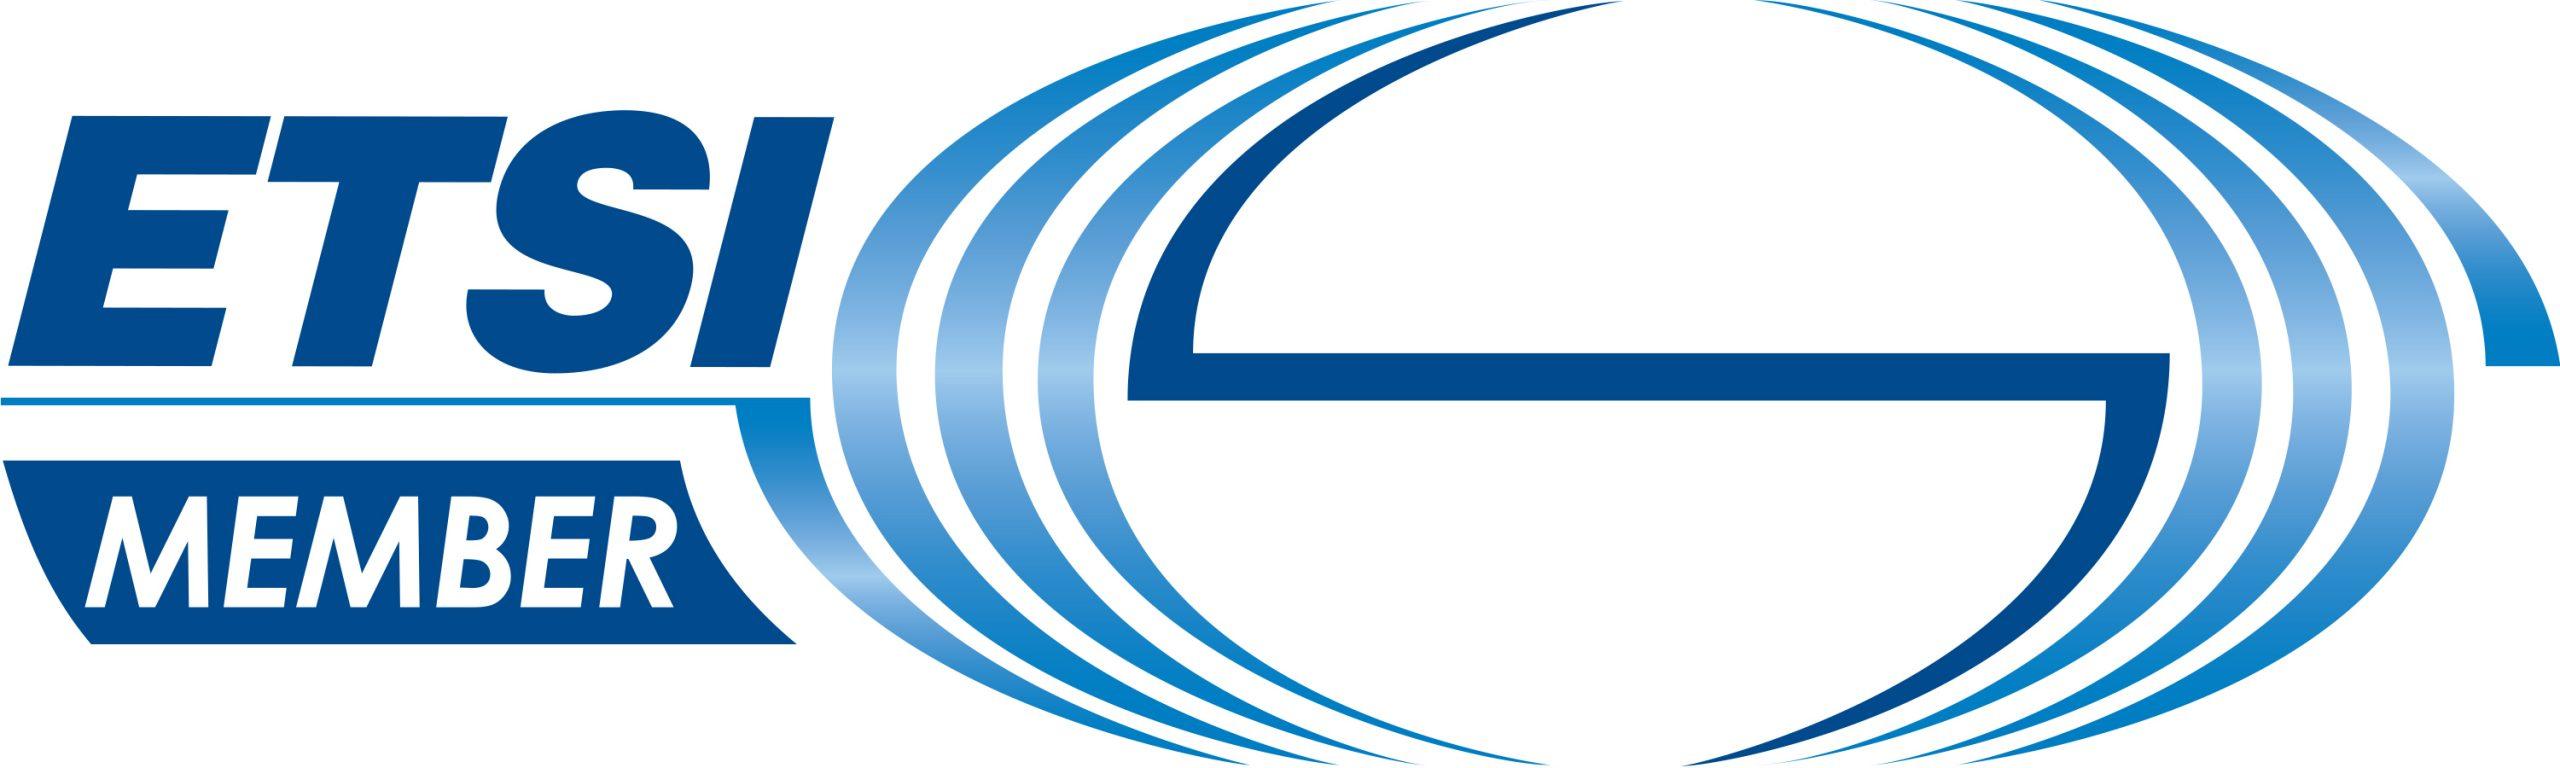 ETSI MEMBER Logo LARGE